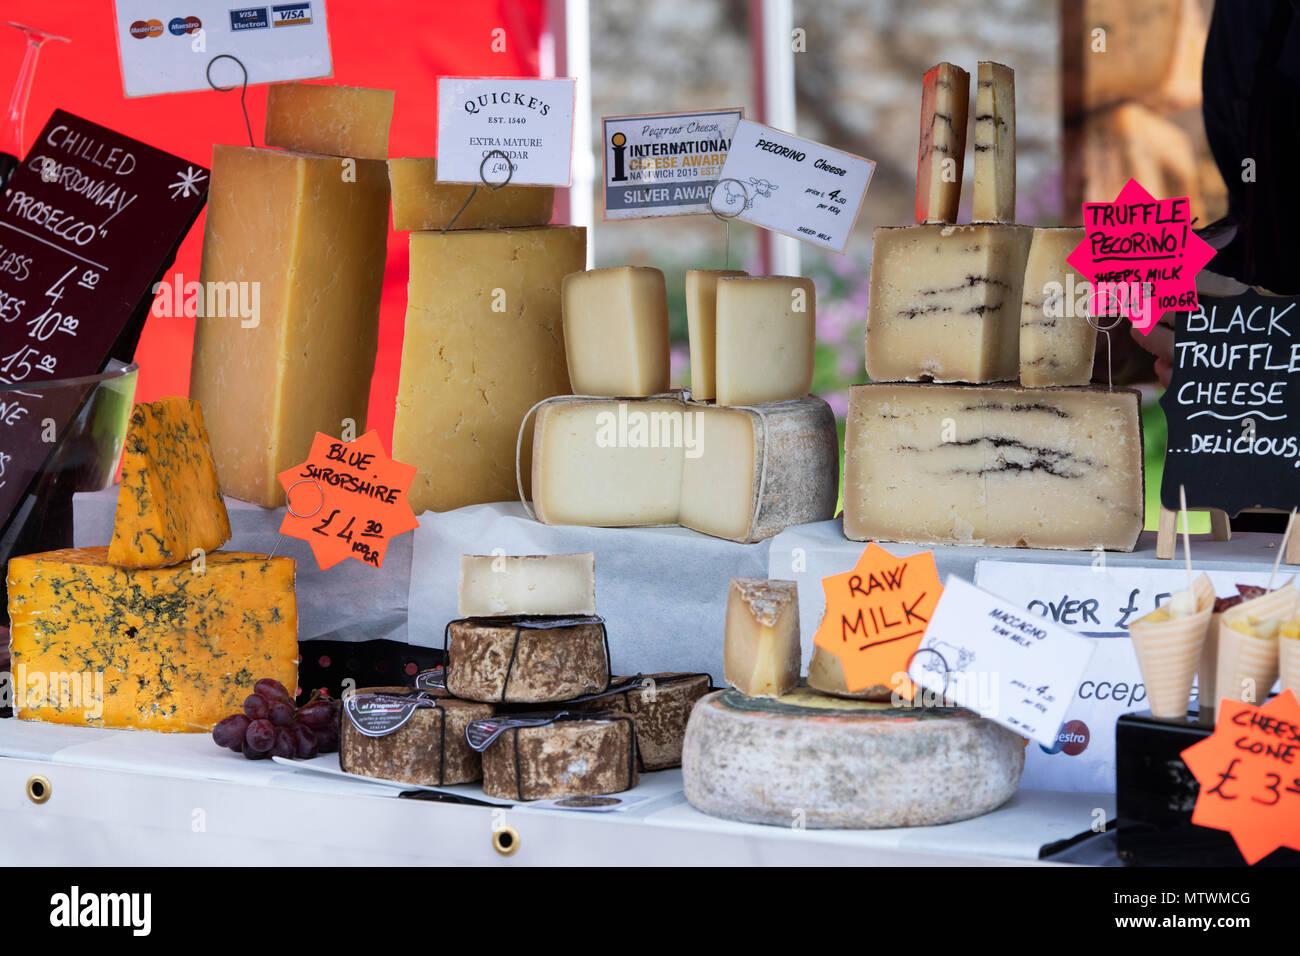 Especialidad y queso artesano calar en un festival de comida. Oxfordshire, Inglaterra Foto de stock